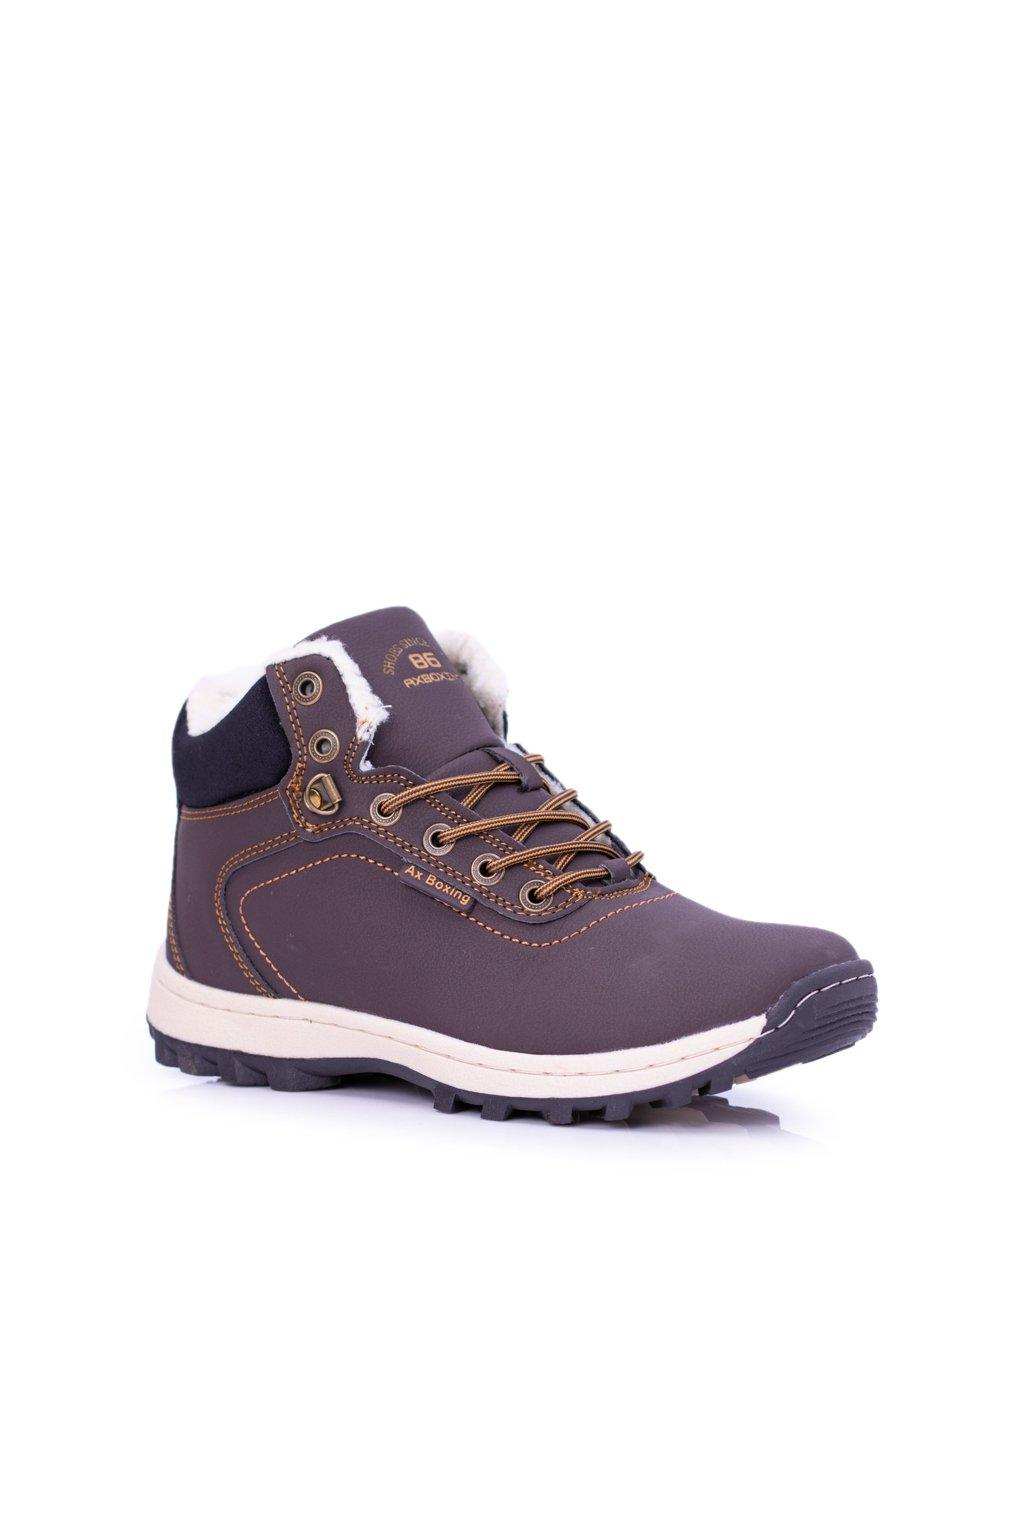 Pánske trekingové topánky farba hnedá kód obuvi A87445-5 DK.BROWN